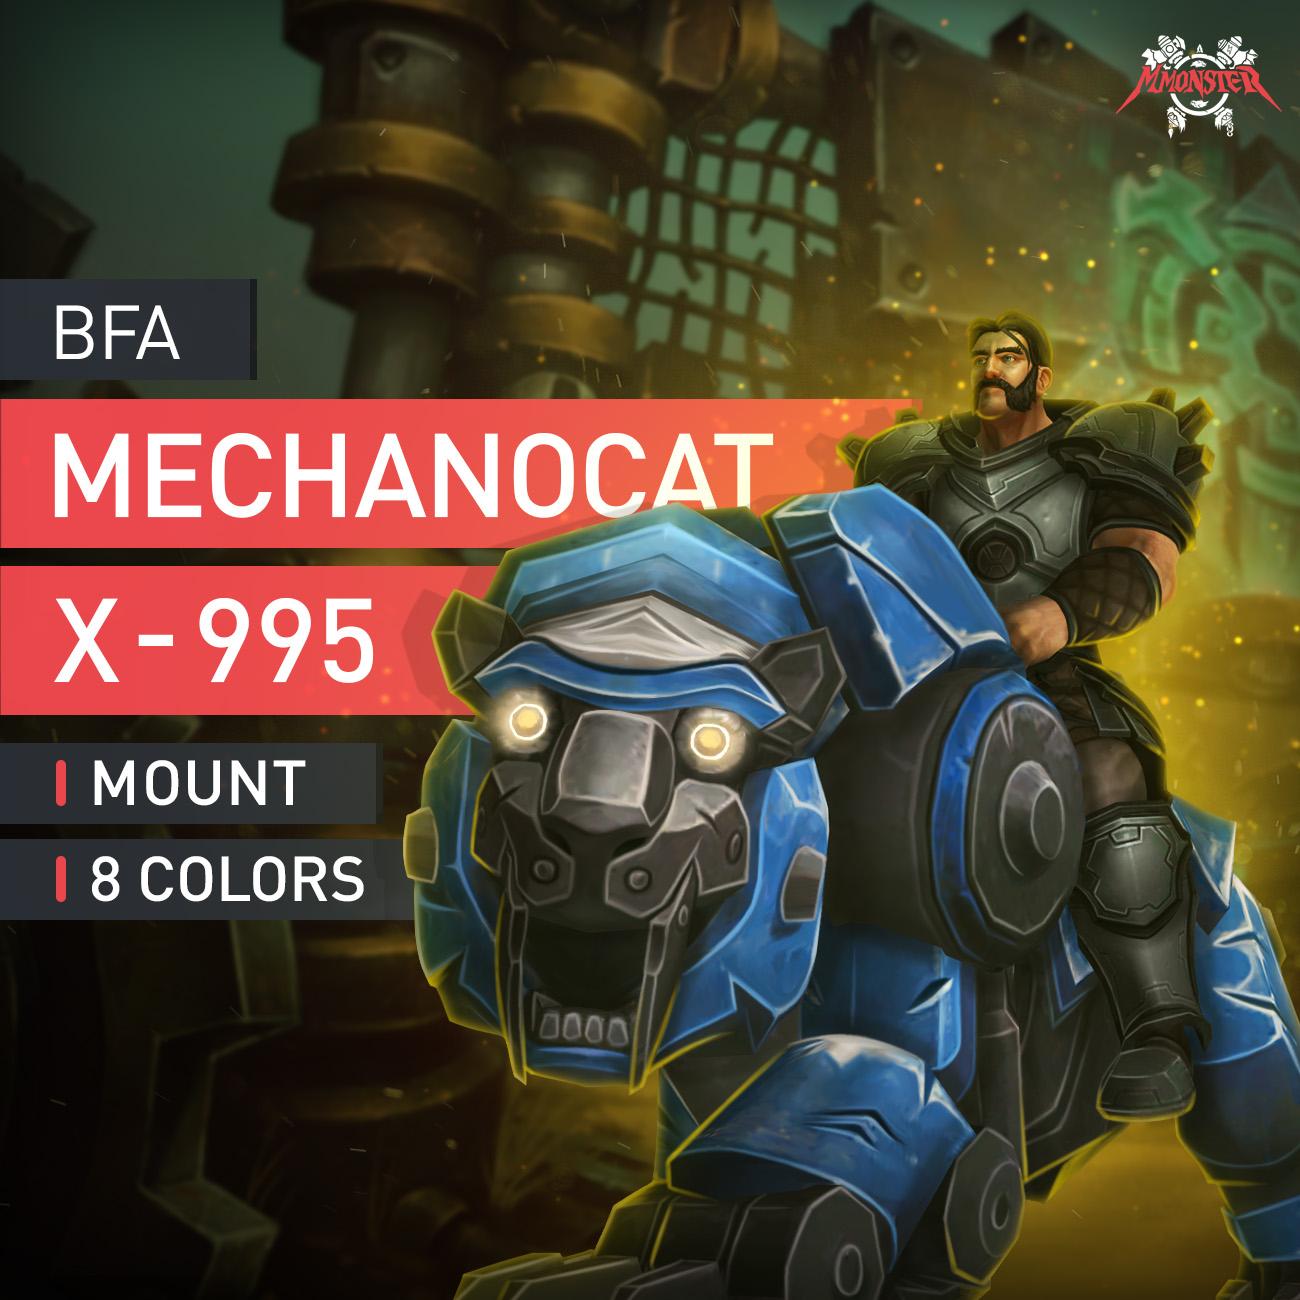 X-995 Mechanocat Mount